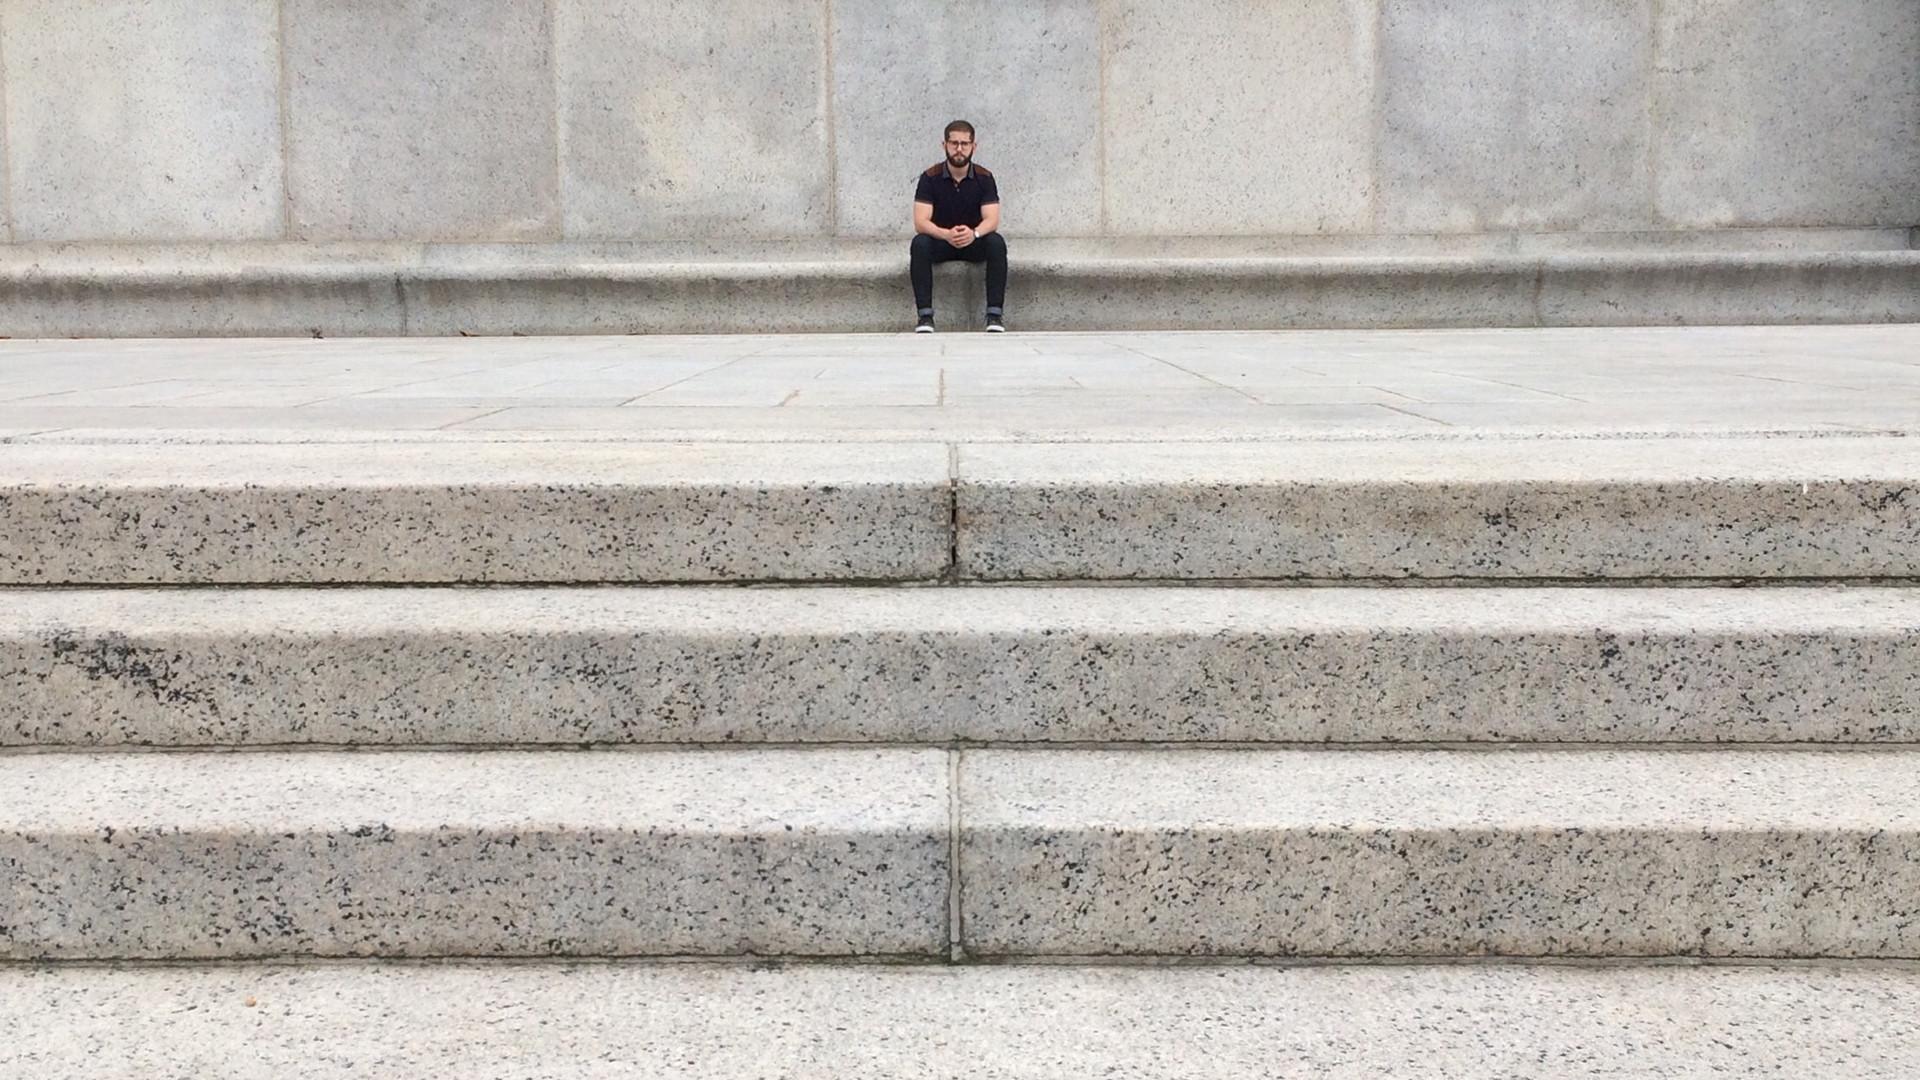 """Le credo des """"minimalistes"""" est simple: fuir le superflu pour retrouver l'essentiel. (Photo: flickr/pbjork/CC BY-ND 2.0)"""